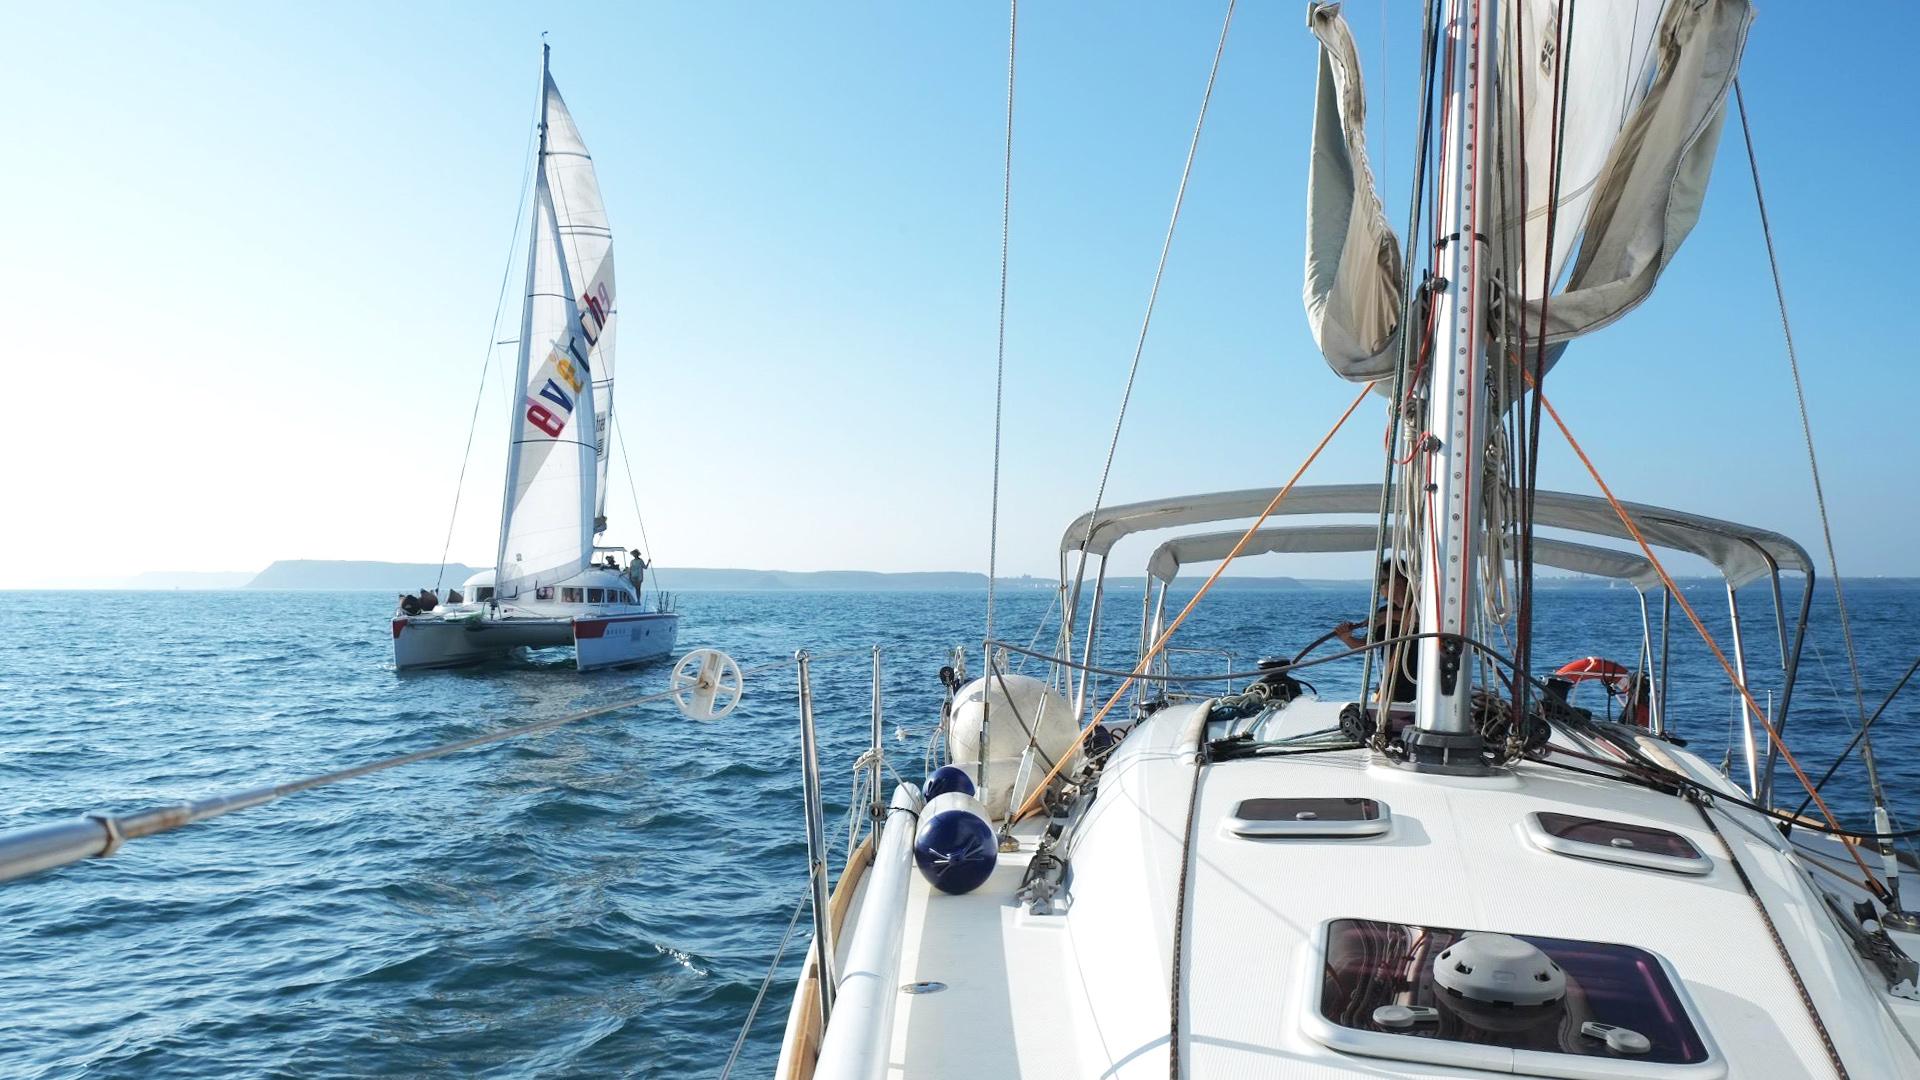 【澎湖帆船半日遊】帆船體驗+浮潛、立槳SUP+點心飲品暢飲(馬公出發)